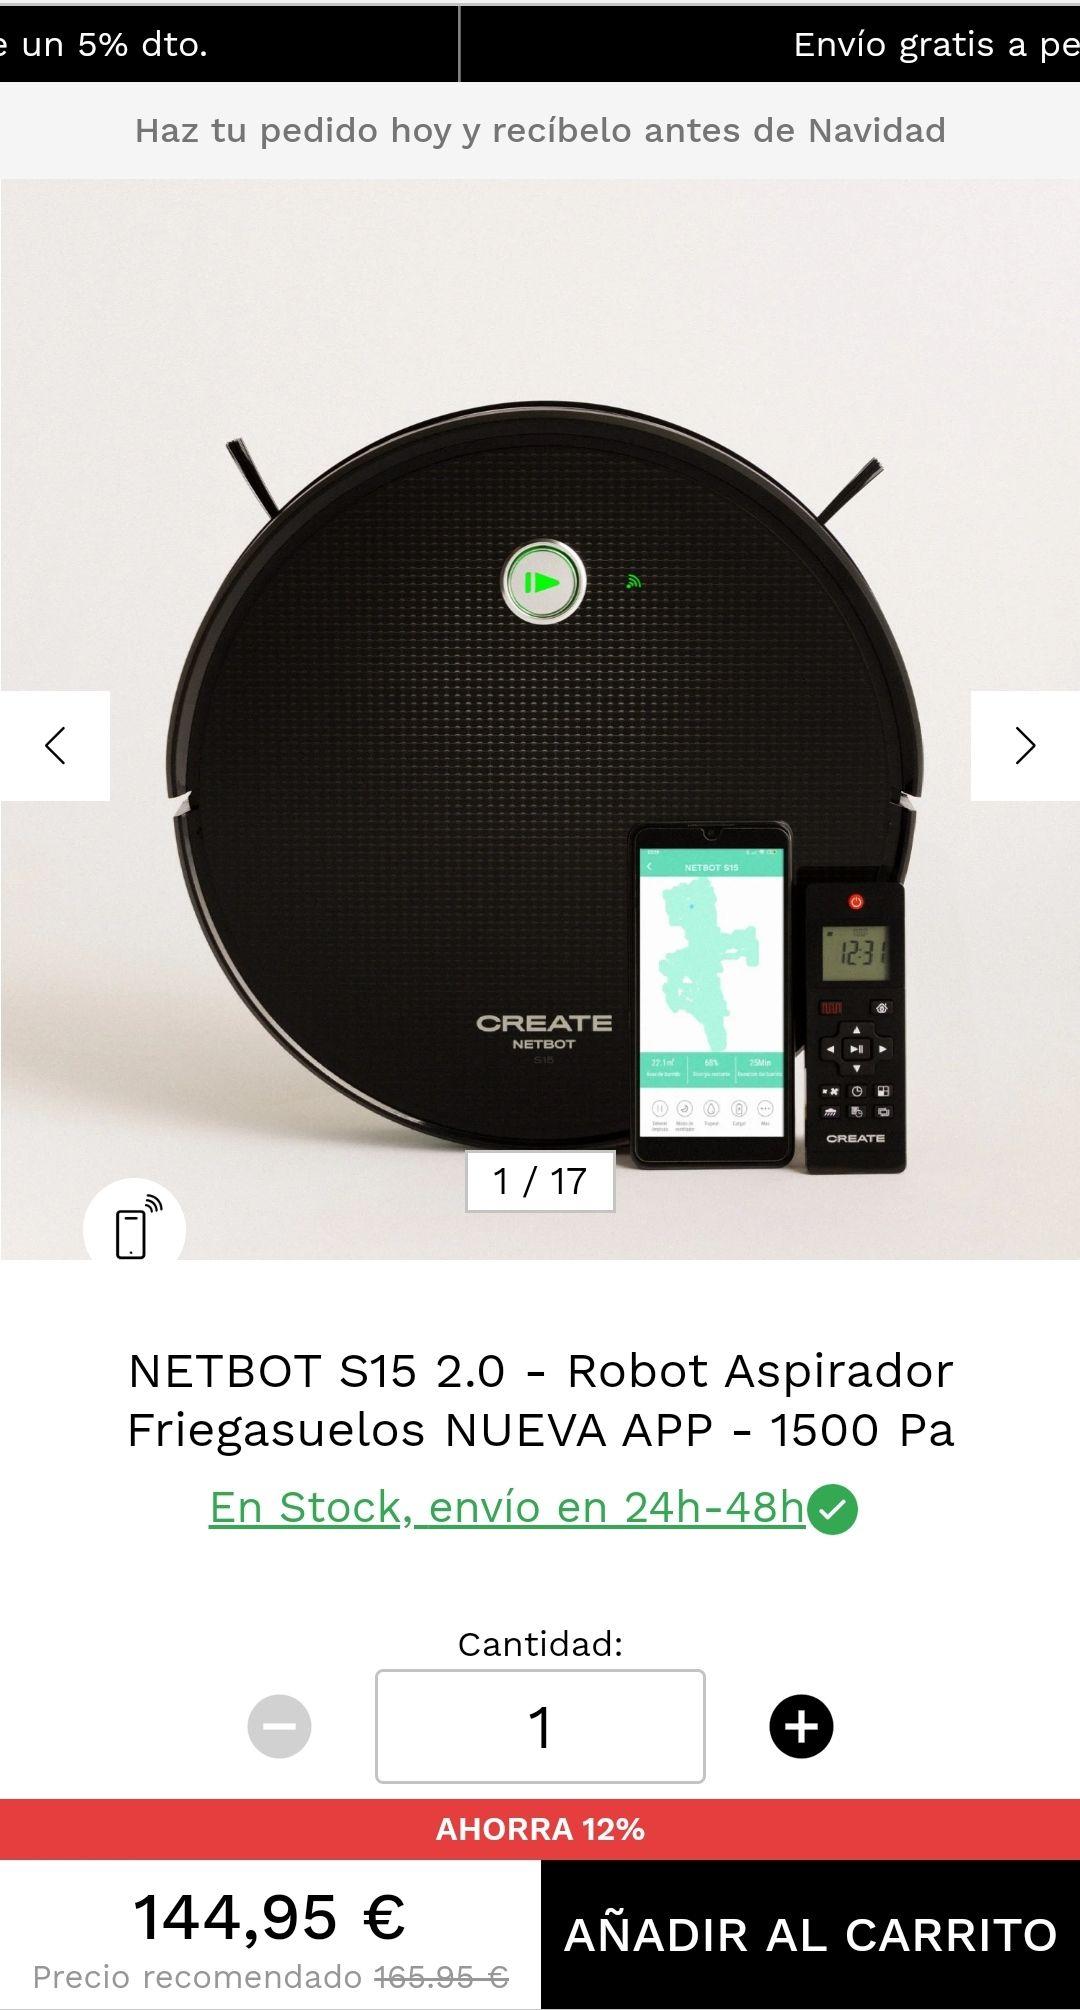 Robot aspirador y friega suelos IKHOS netbot S15 2.0